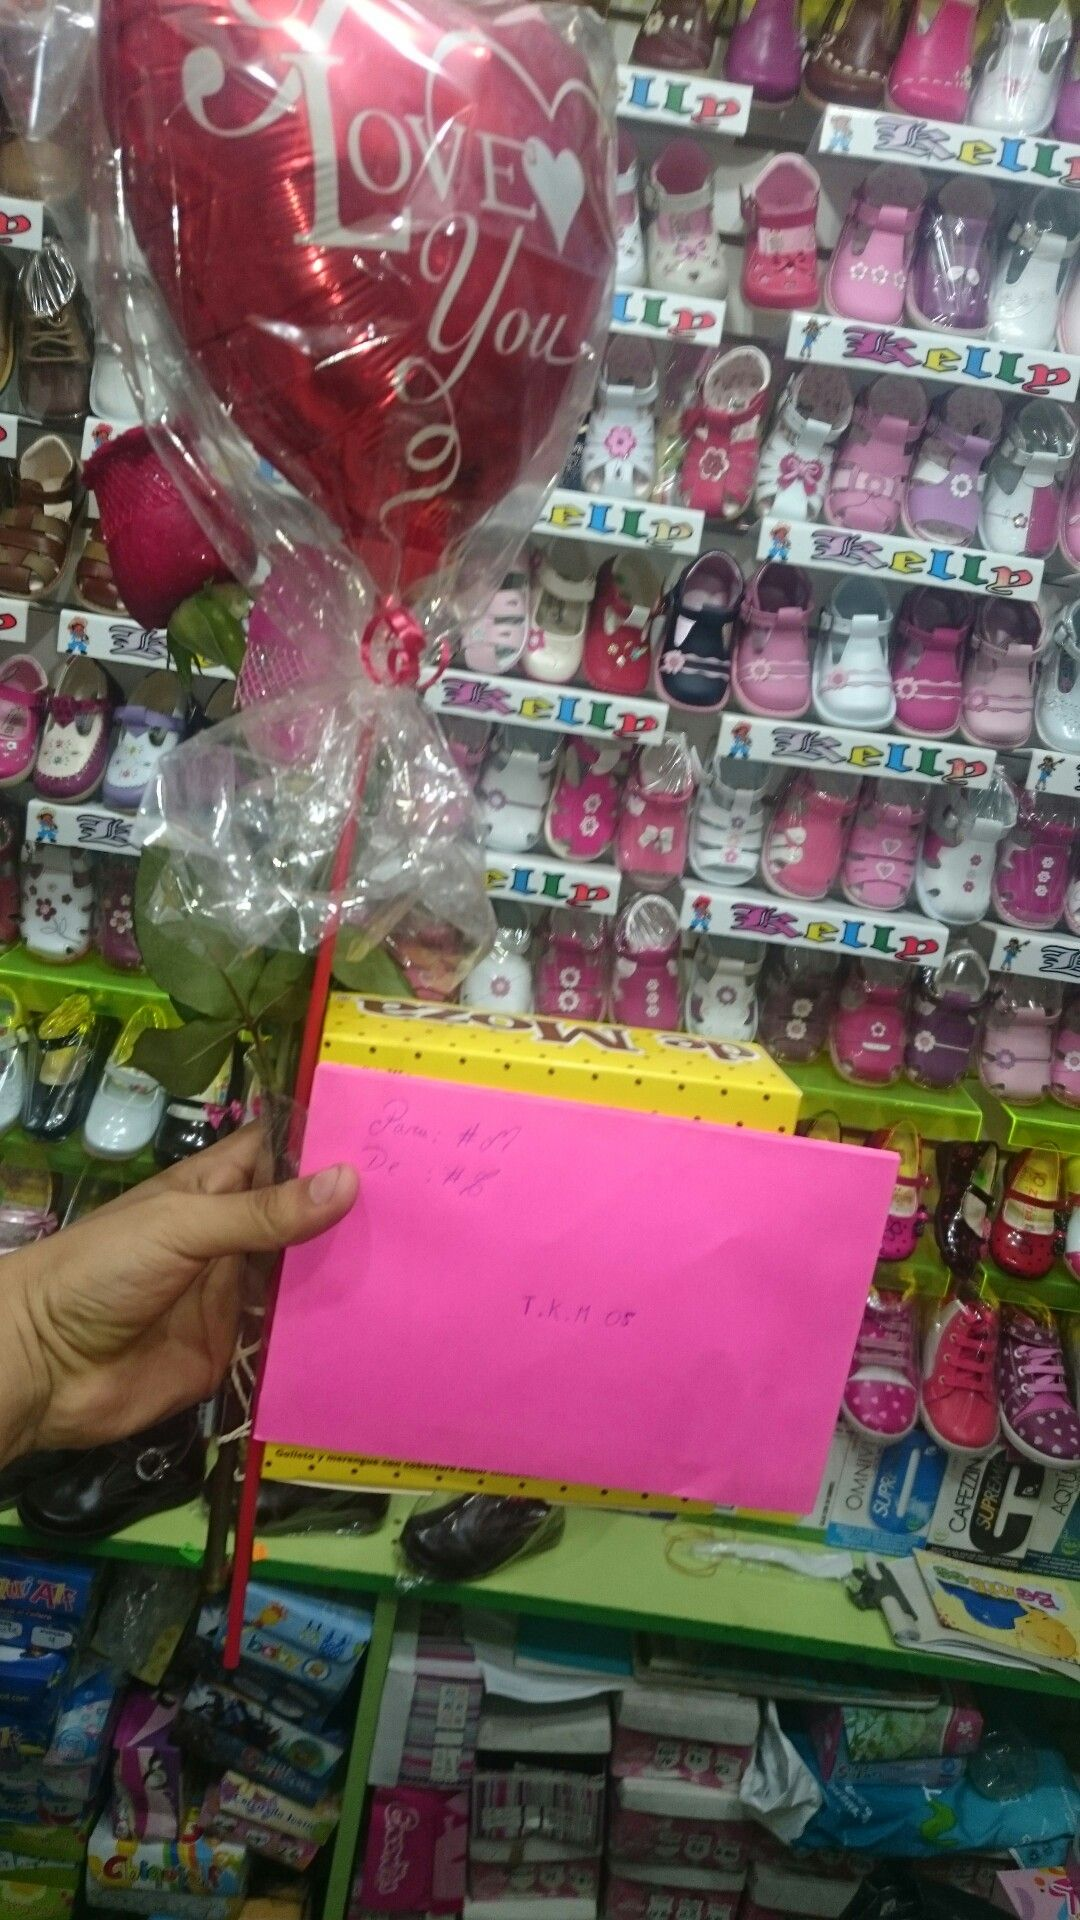 Carta ✉, rosa 🌹 roja, globo 🎈 I Love You y una caja 🎁 de Chocolate 🍫 25 de noviembre